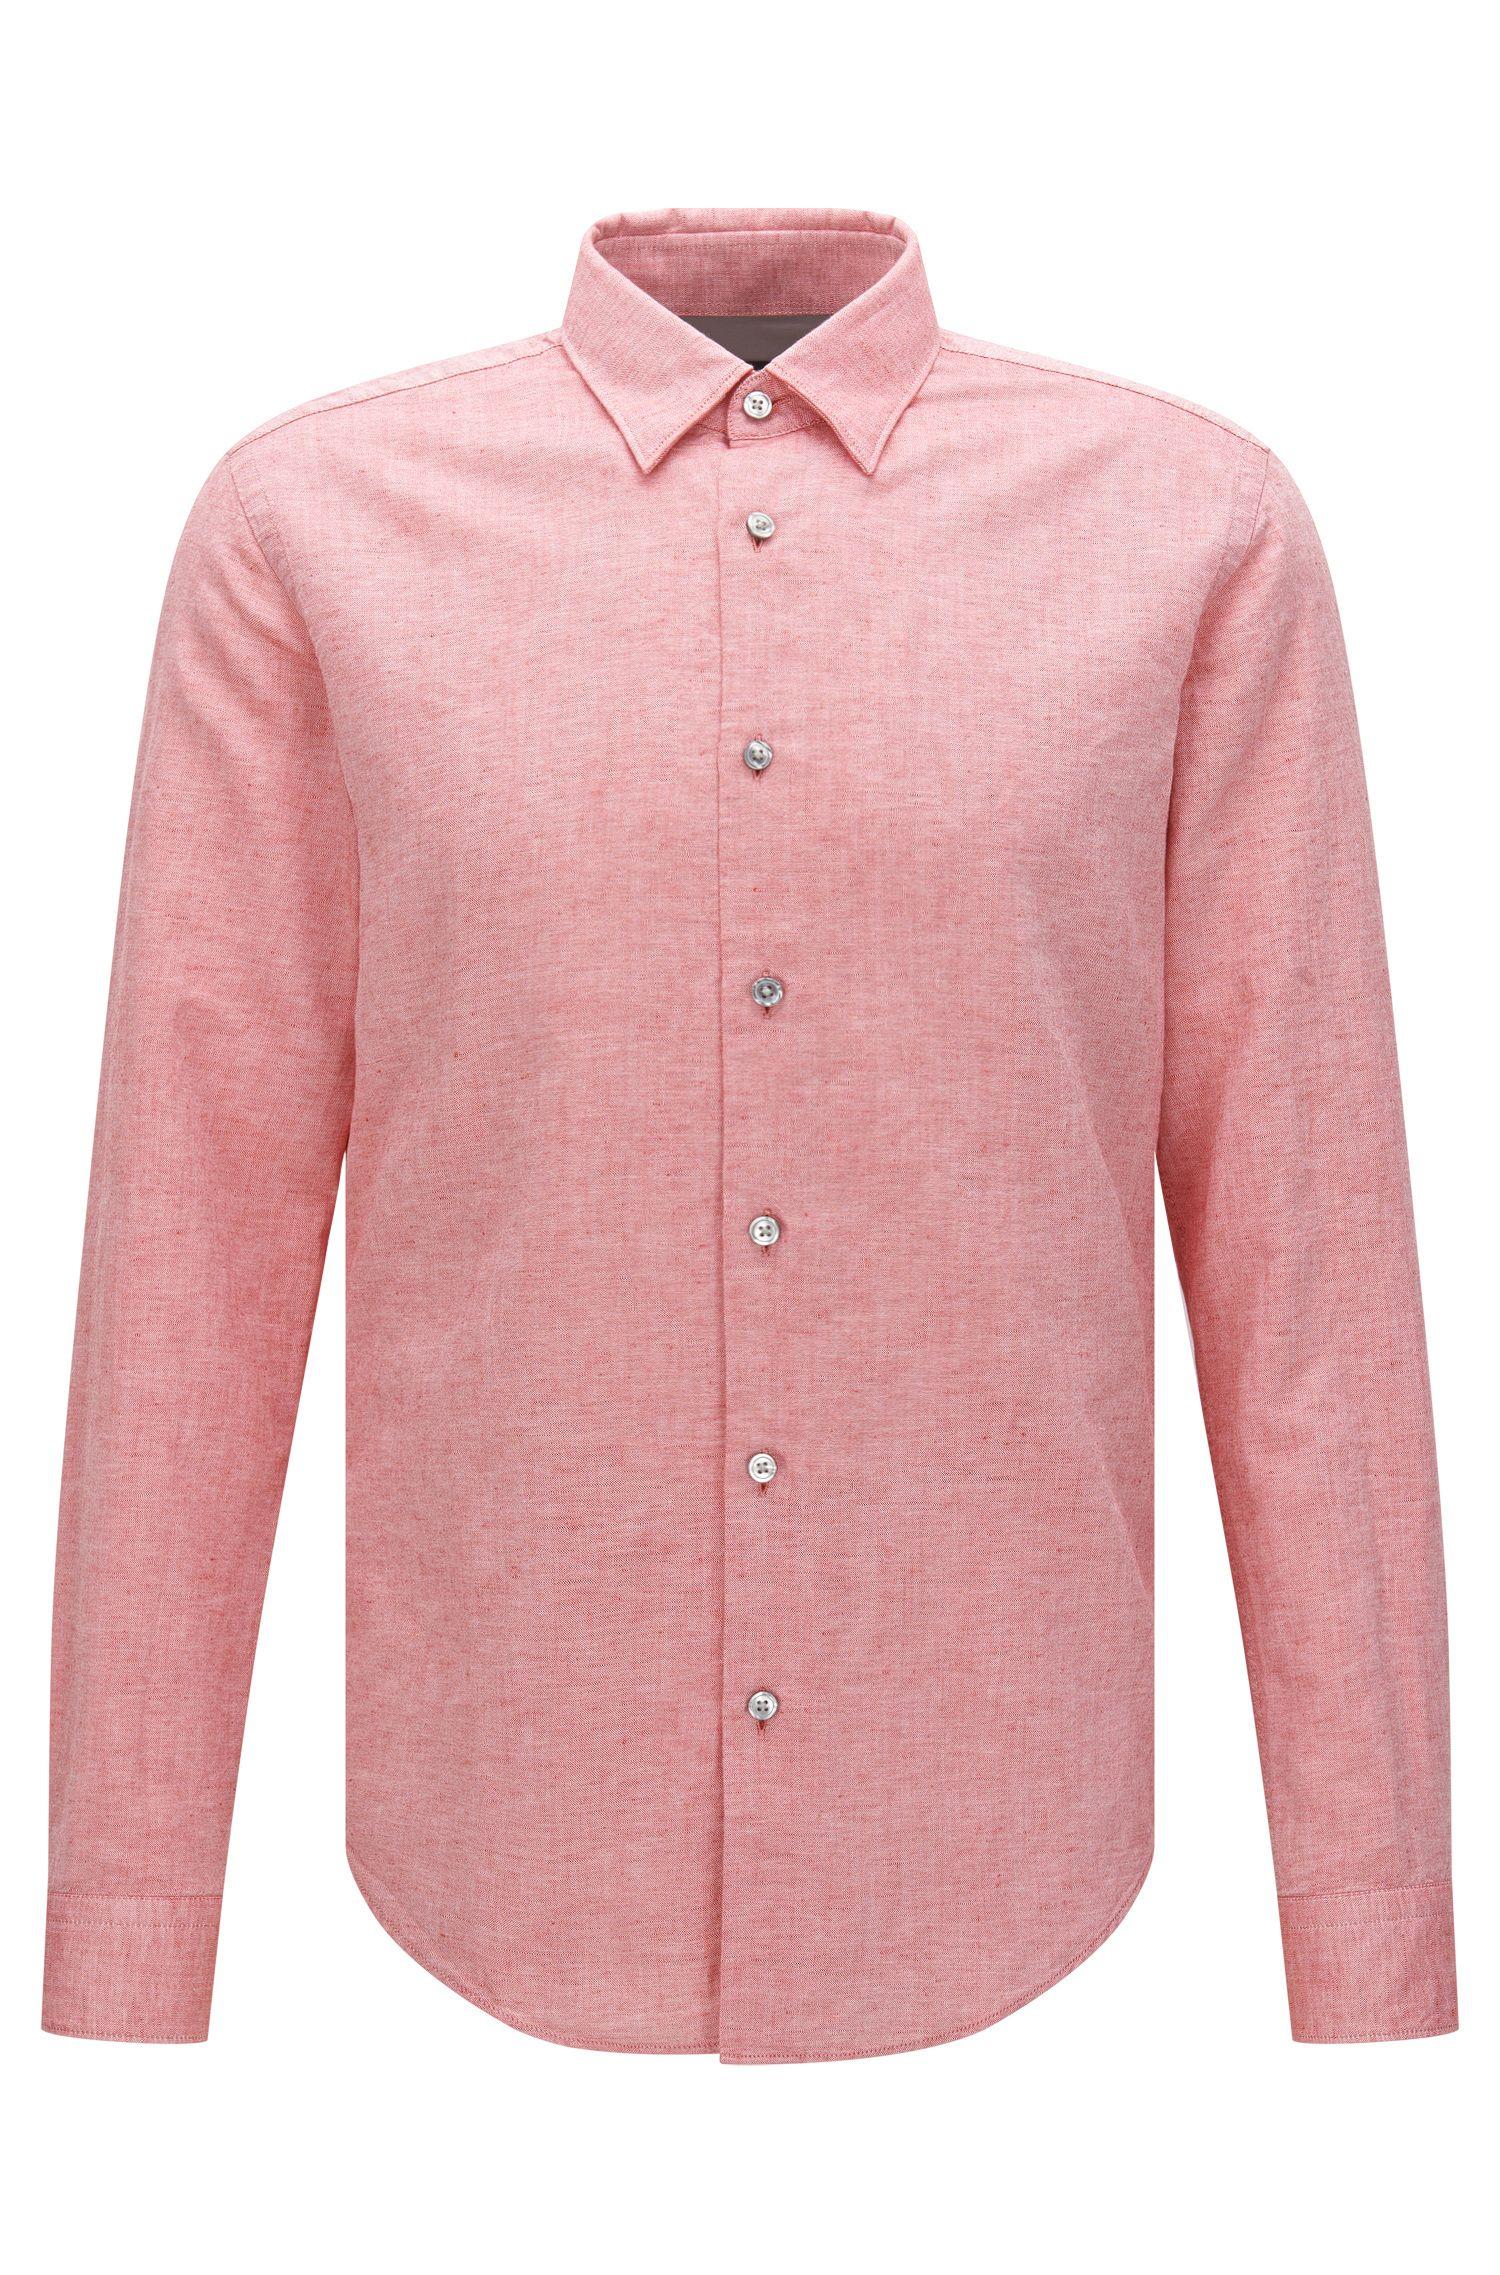 'Rodney' | Slim Fit, Cotton Linen Button Down Shirt